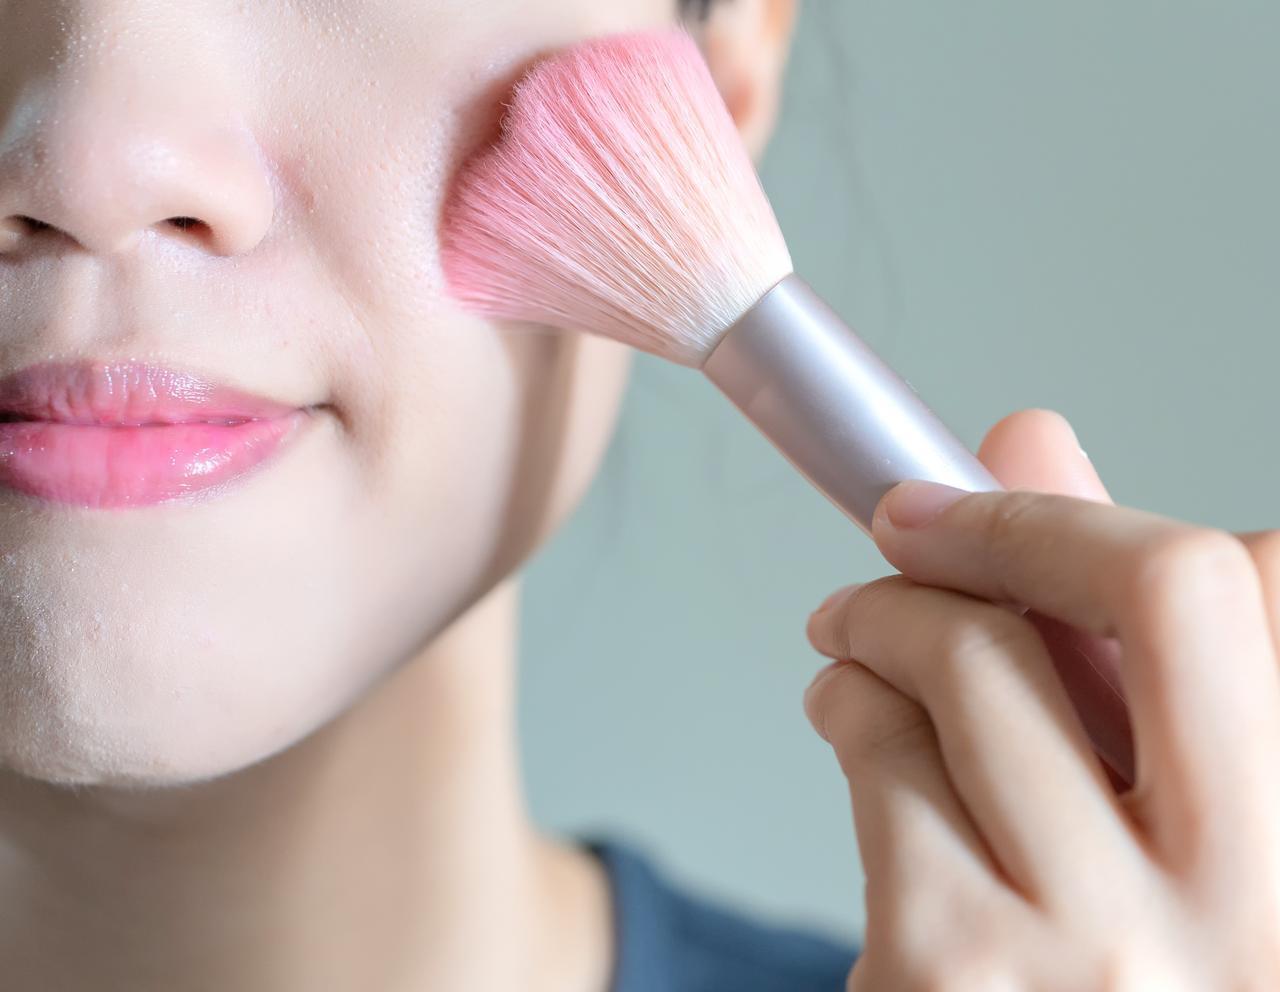 画像3: 顔を自然にスッキリと見せるチークのつけ方